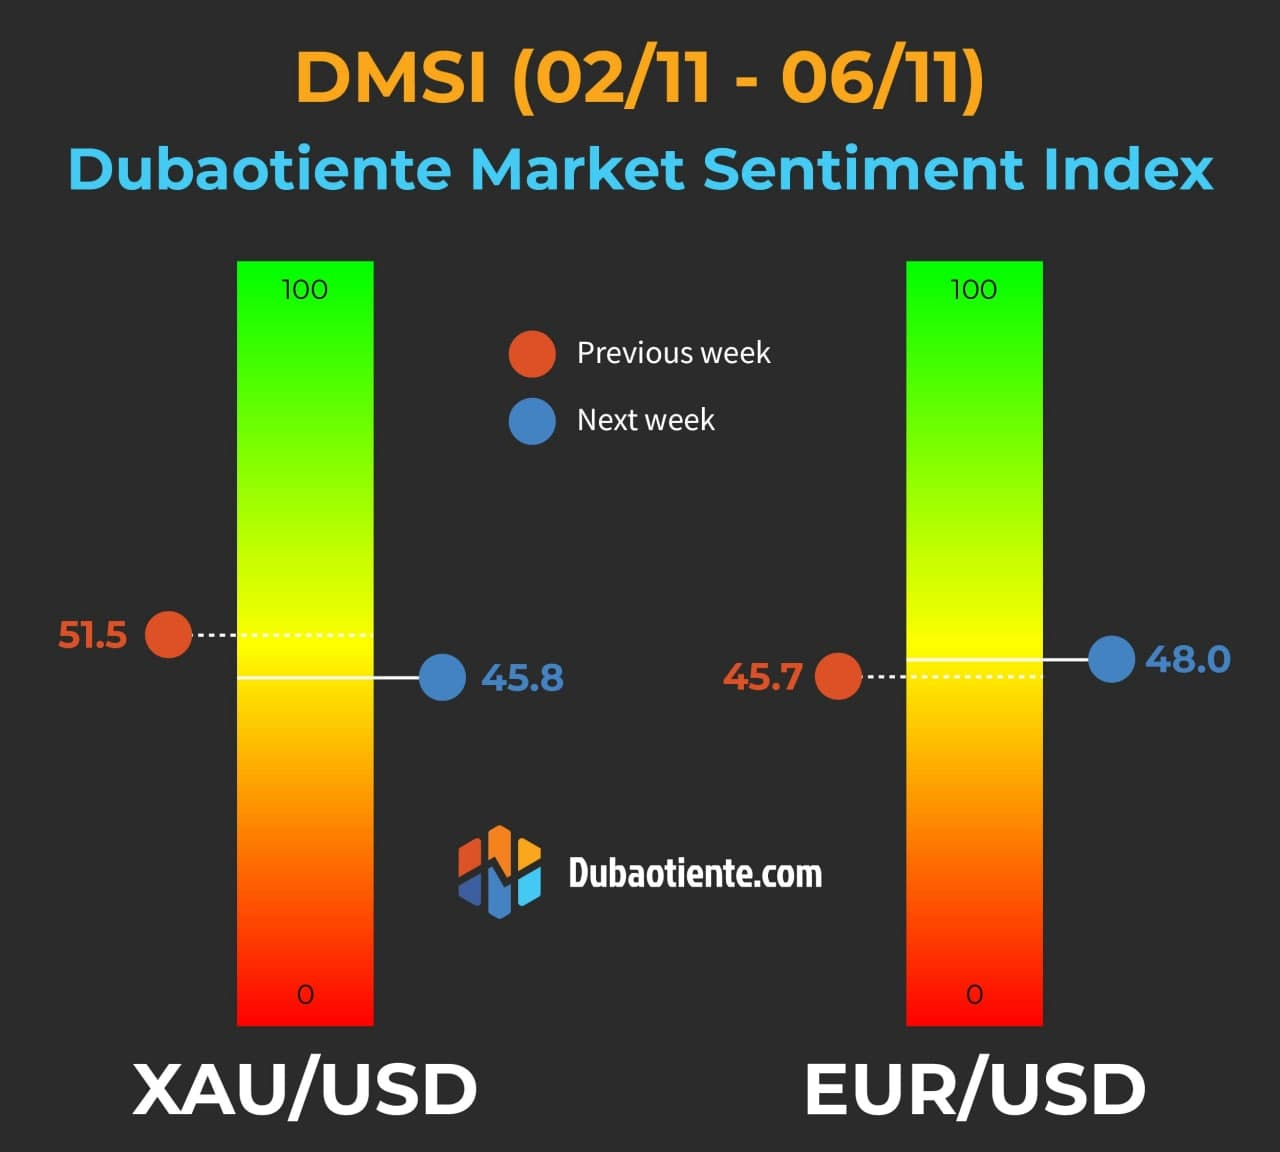 Chỉ báo DMSI cho tuần giao dịch 2/11-6/11: Kỳ vọng của Retail Trader trước 1 tuần biến động mạnh sẽ ra sao?